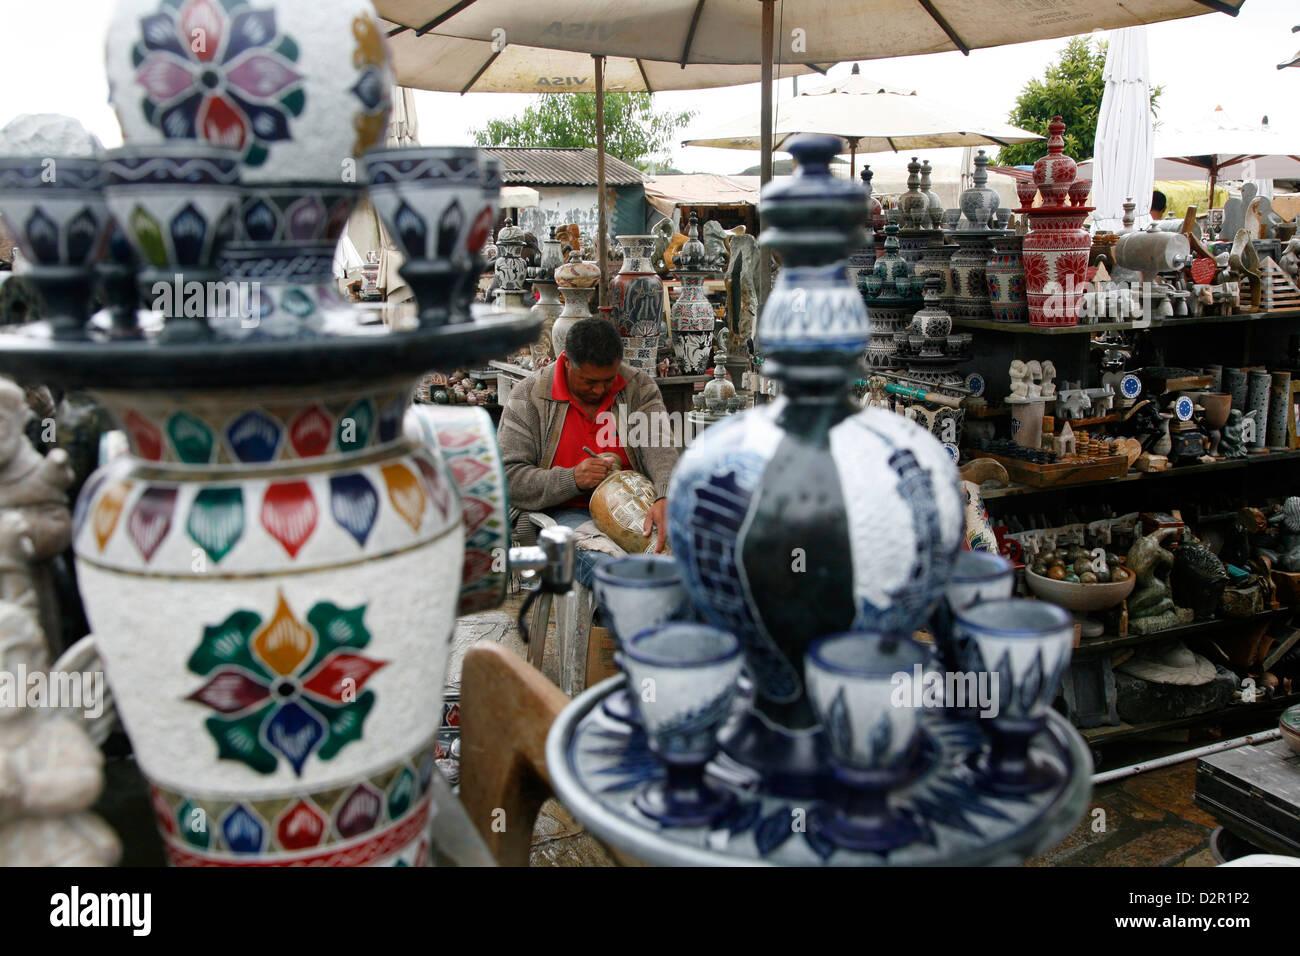 Craft market near Sao Francisco de Assis church, Ouro Preto, Minas Gerais, Brazil, South America Stock Photo